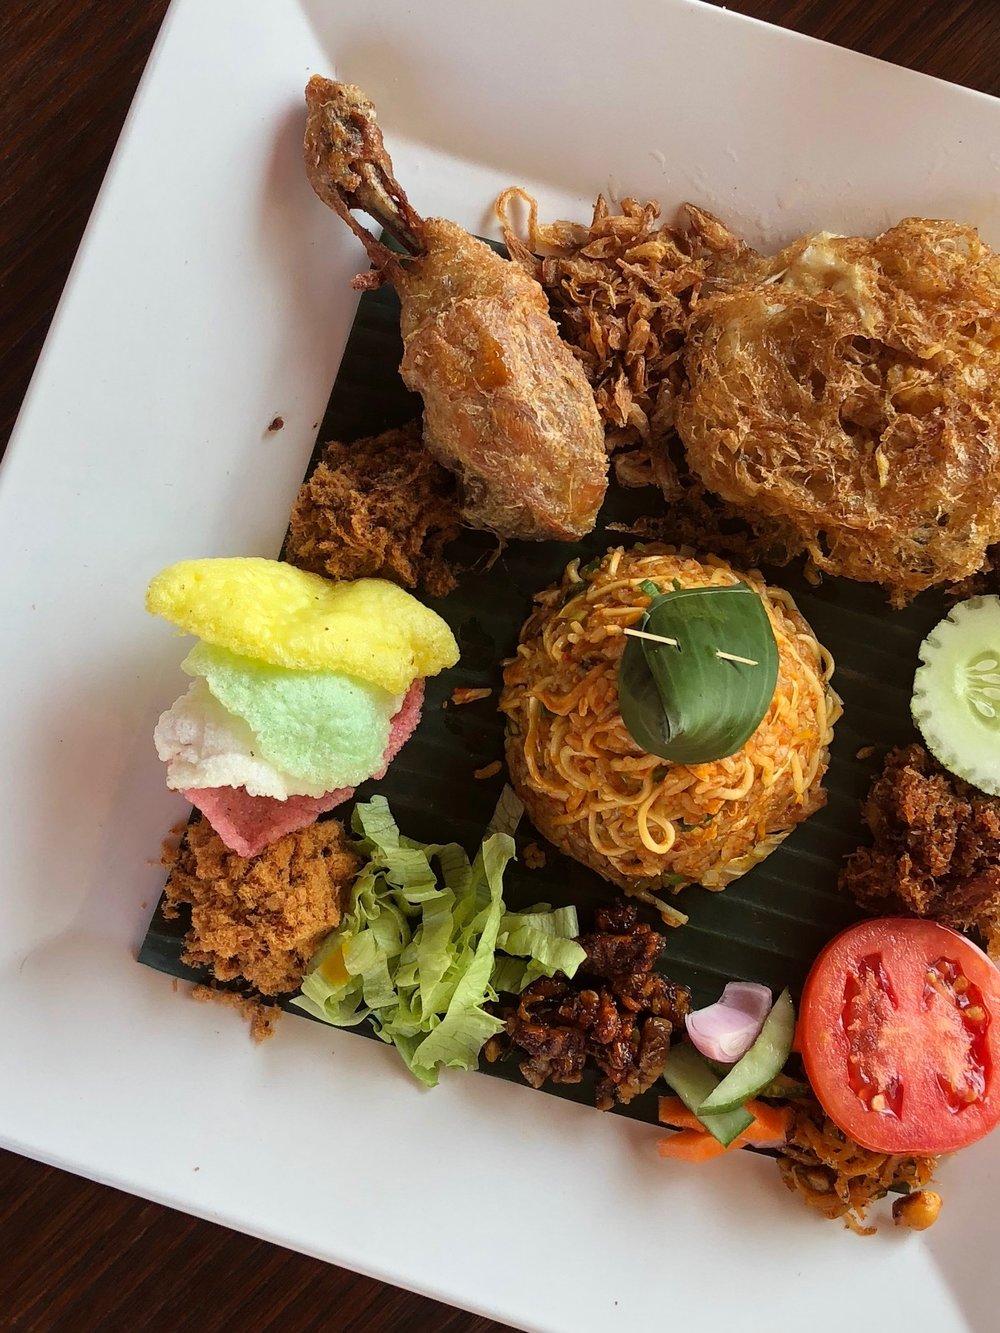 Nasi goreng magelangan combines rice and noodles